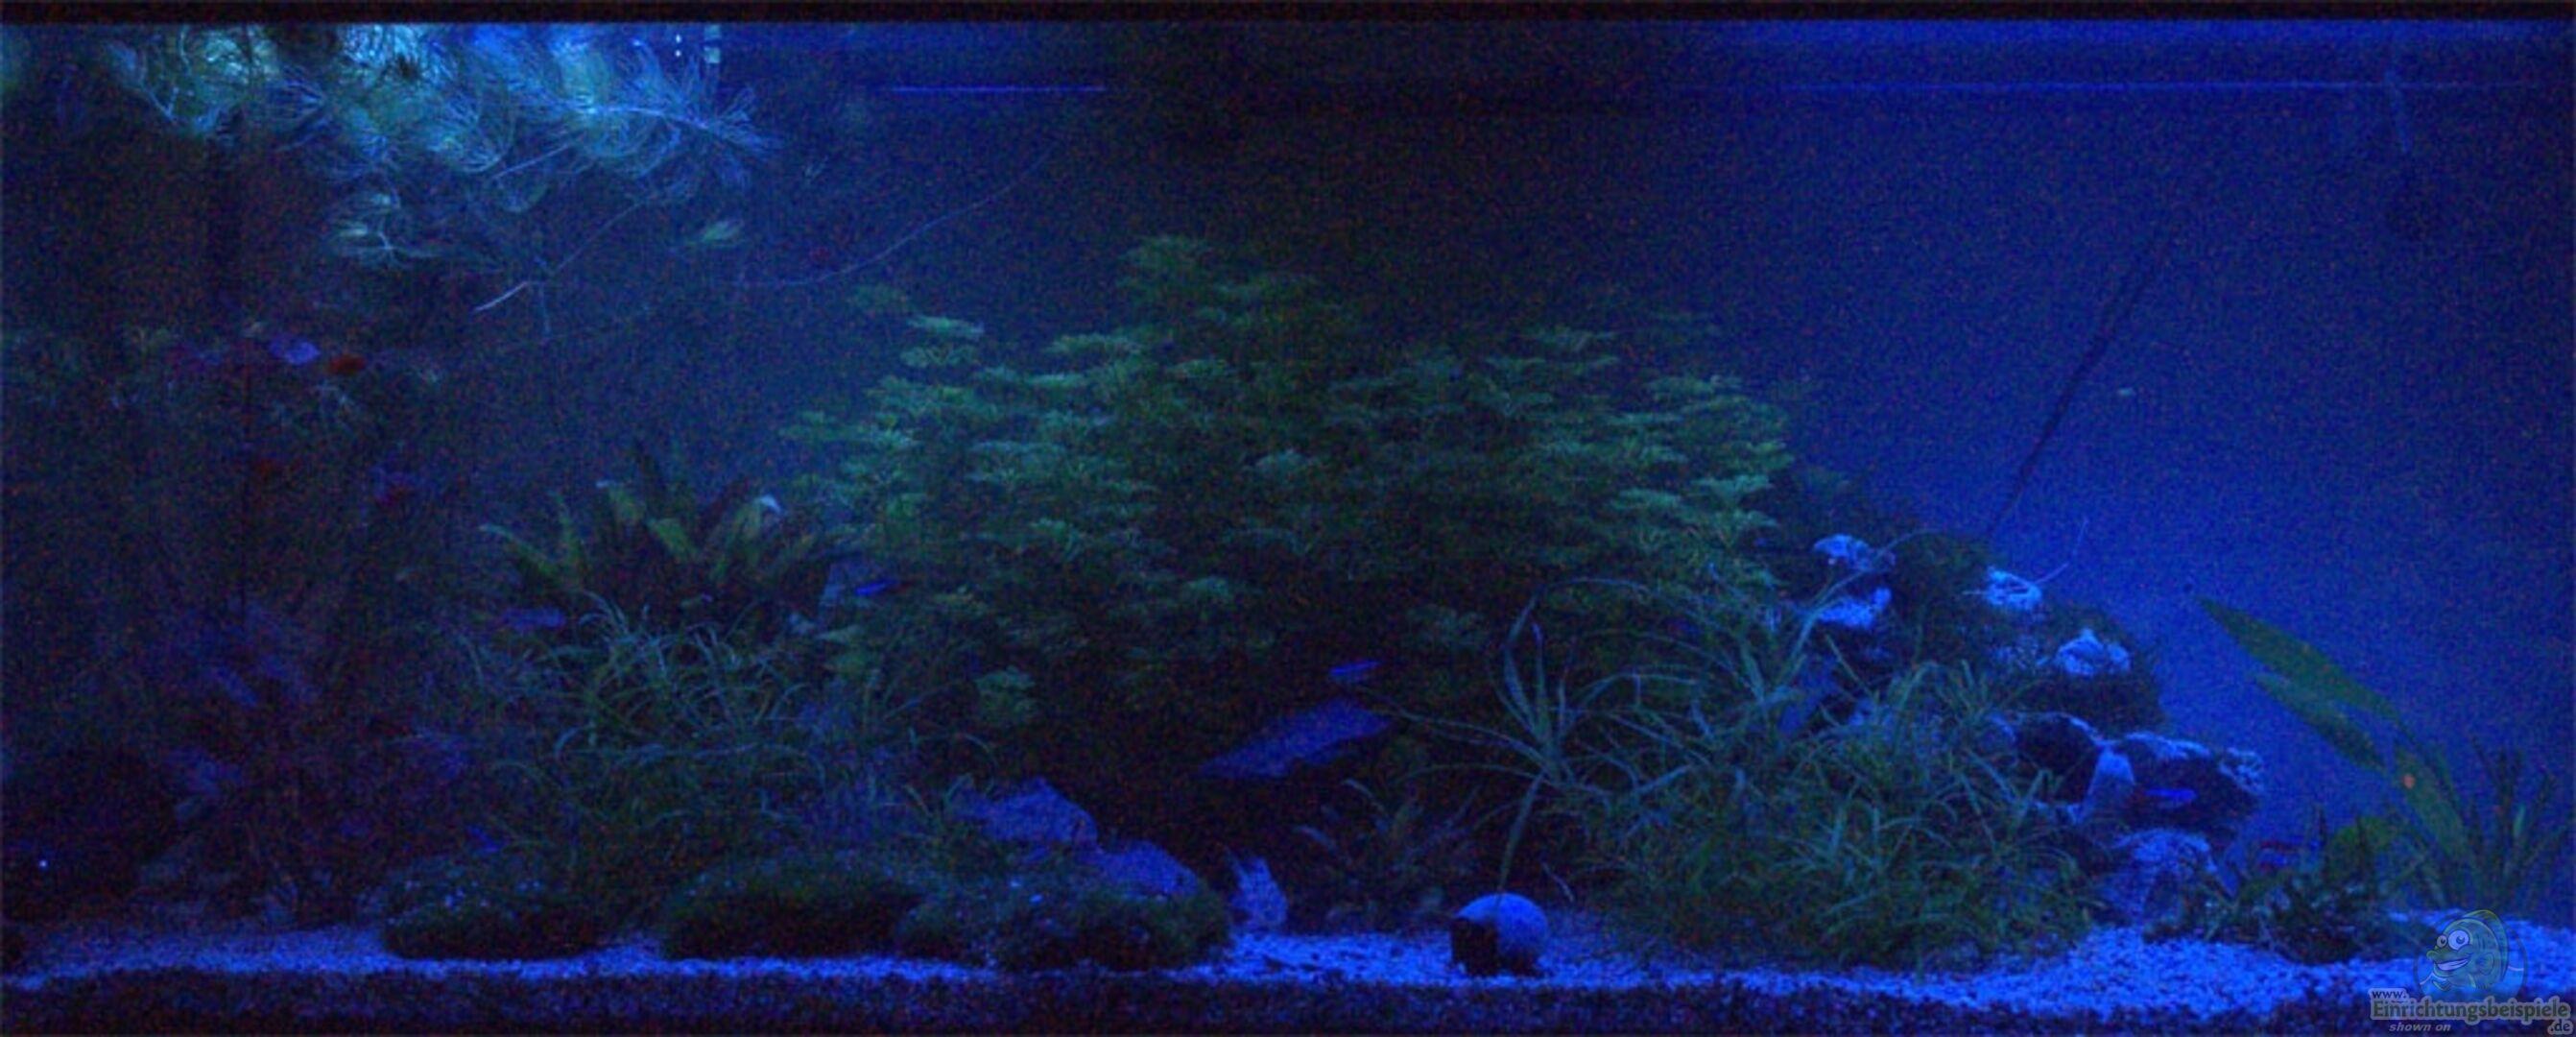 LED Beleuchtung (Blau Und Weiß) Für Dämmerung Und Bewölkung